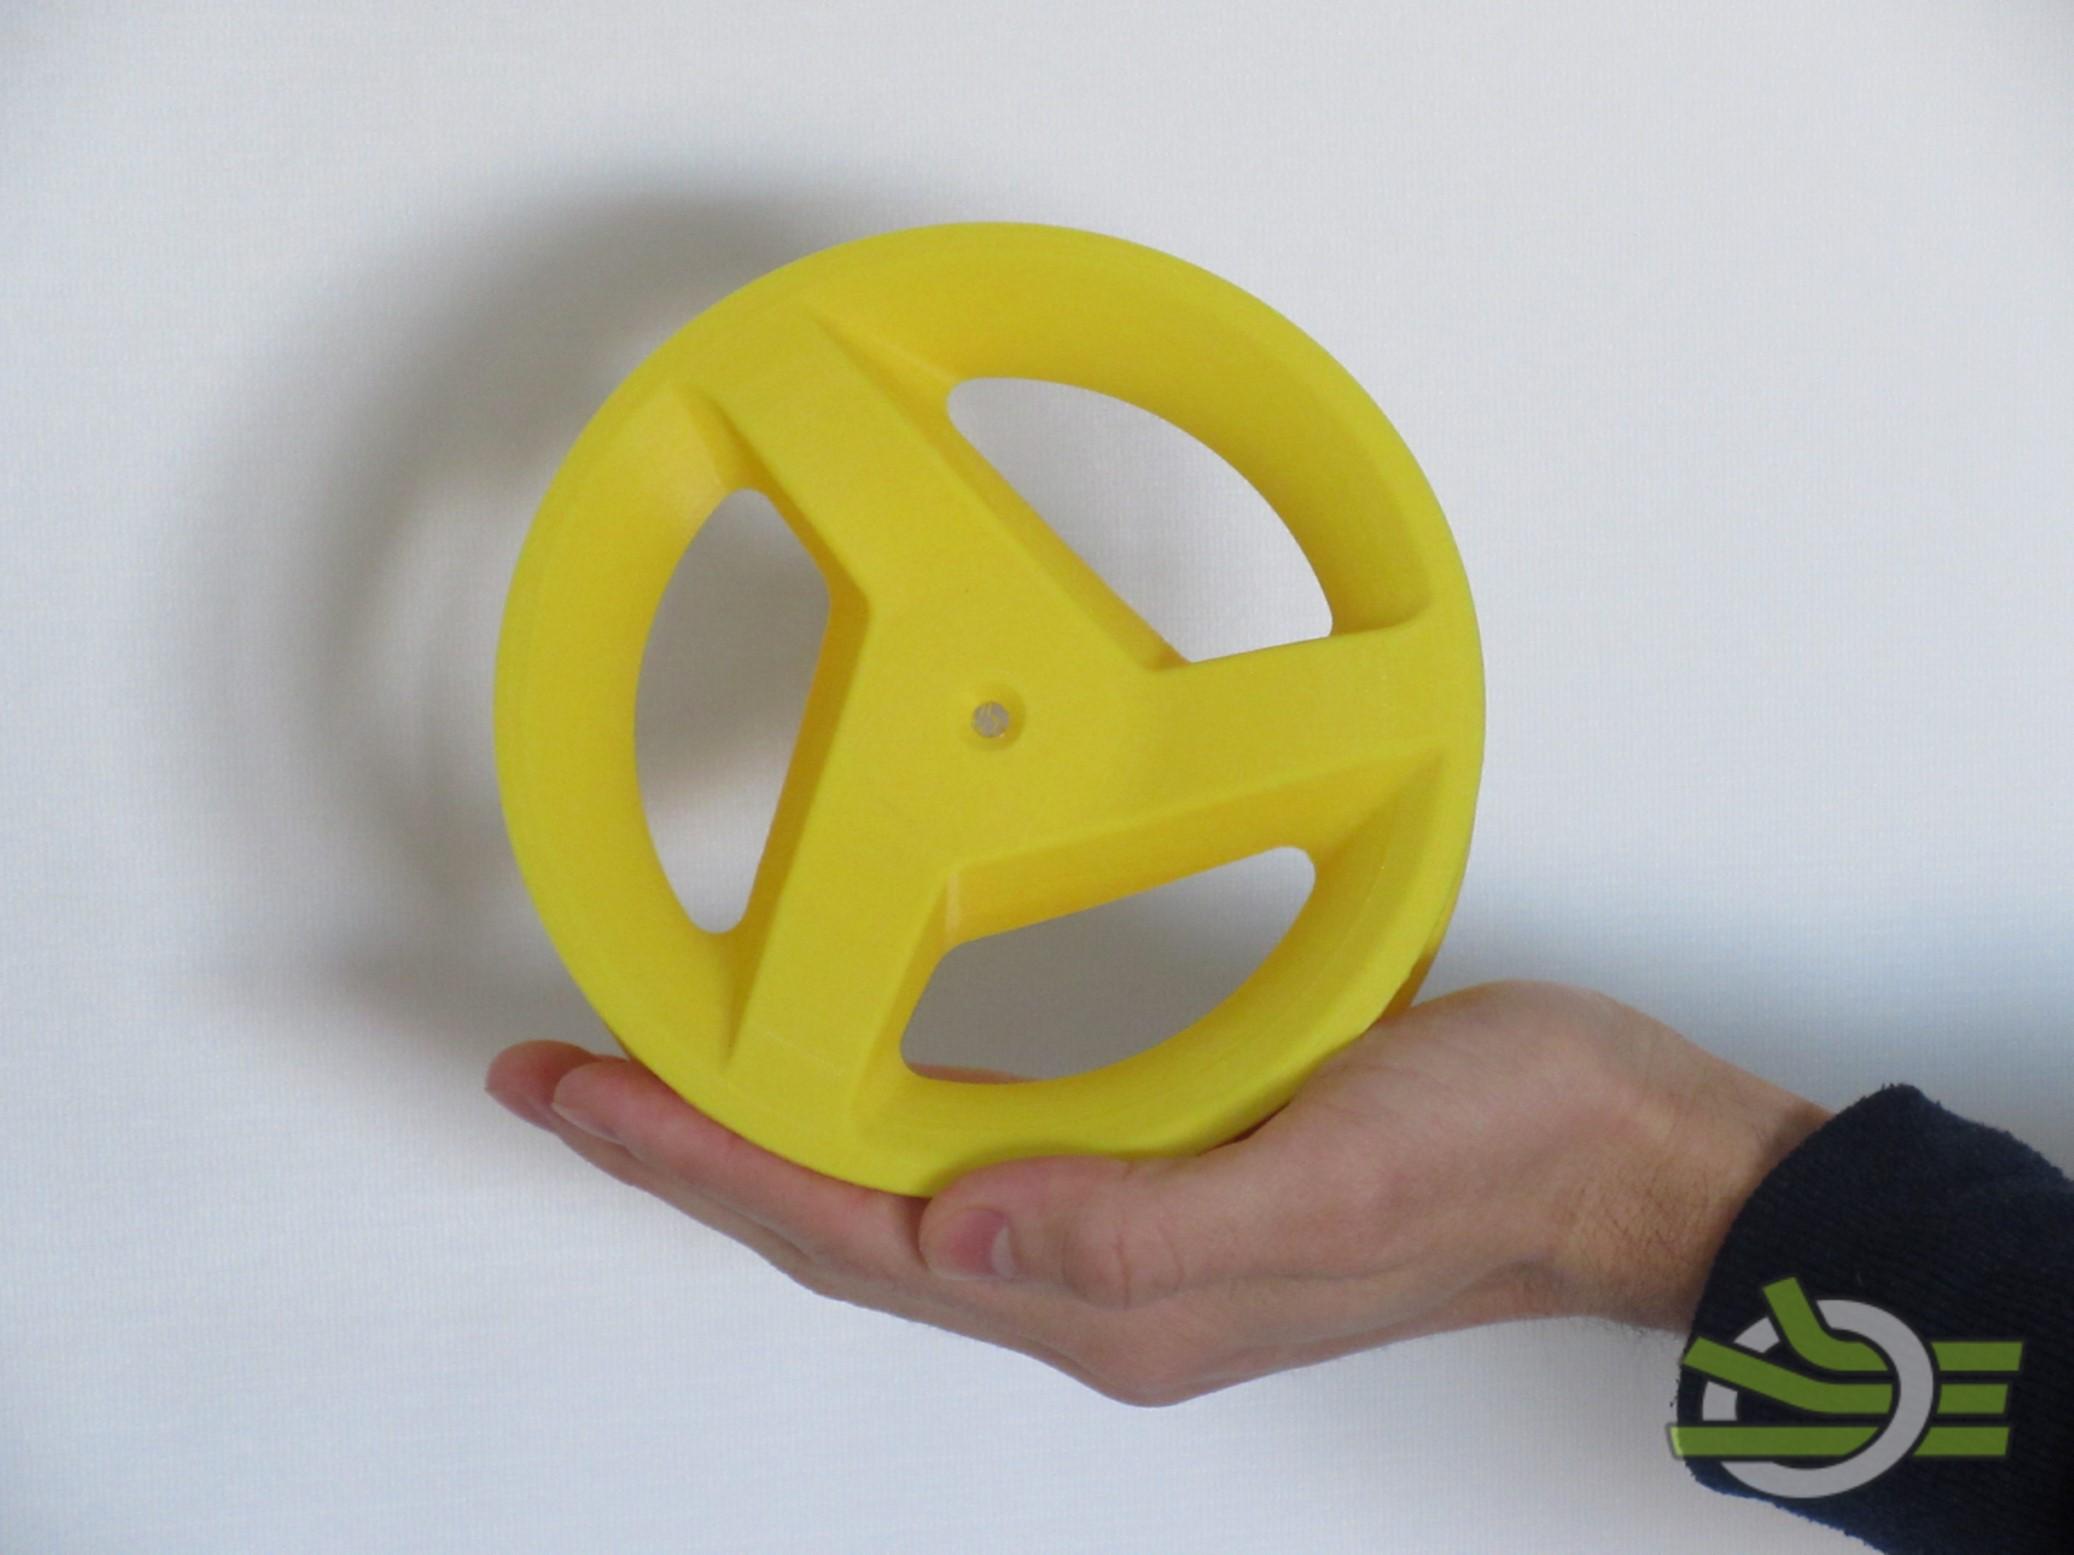 Prototipazione di un modello di ruota con pneumatico